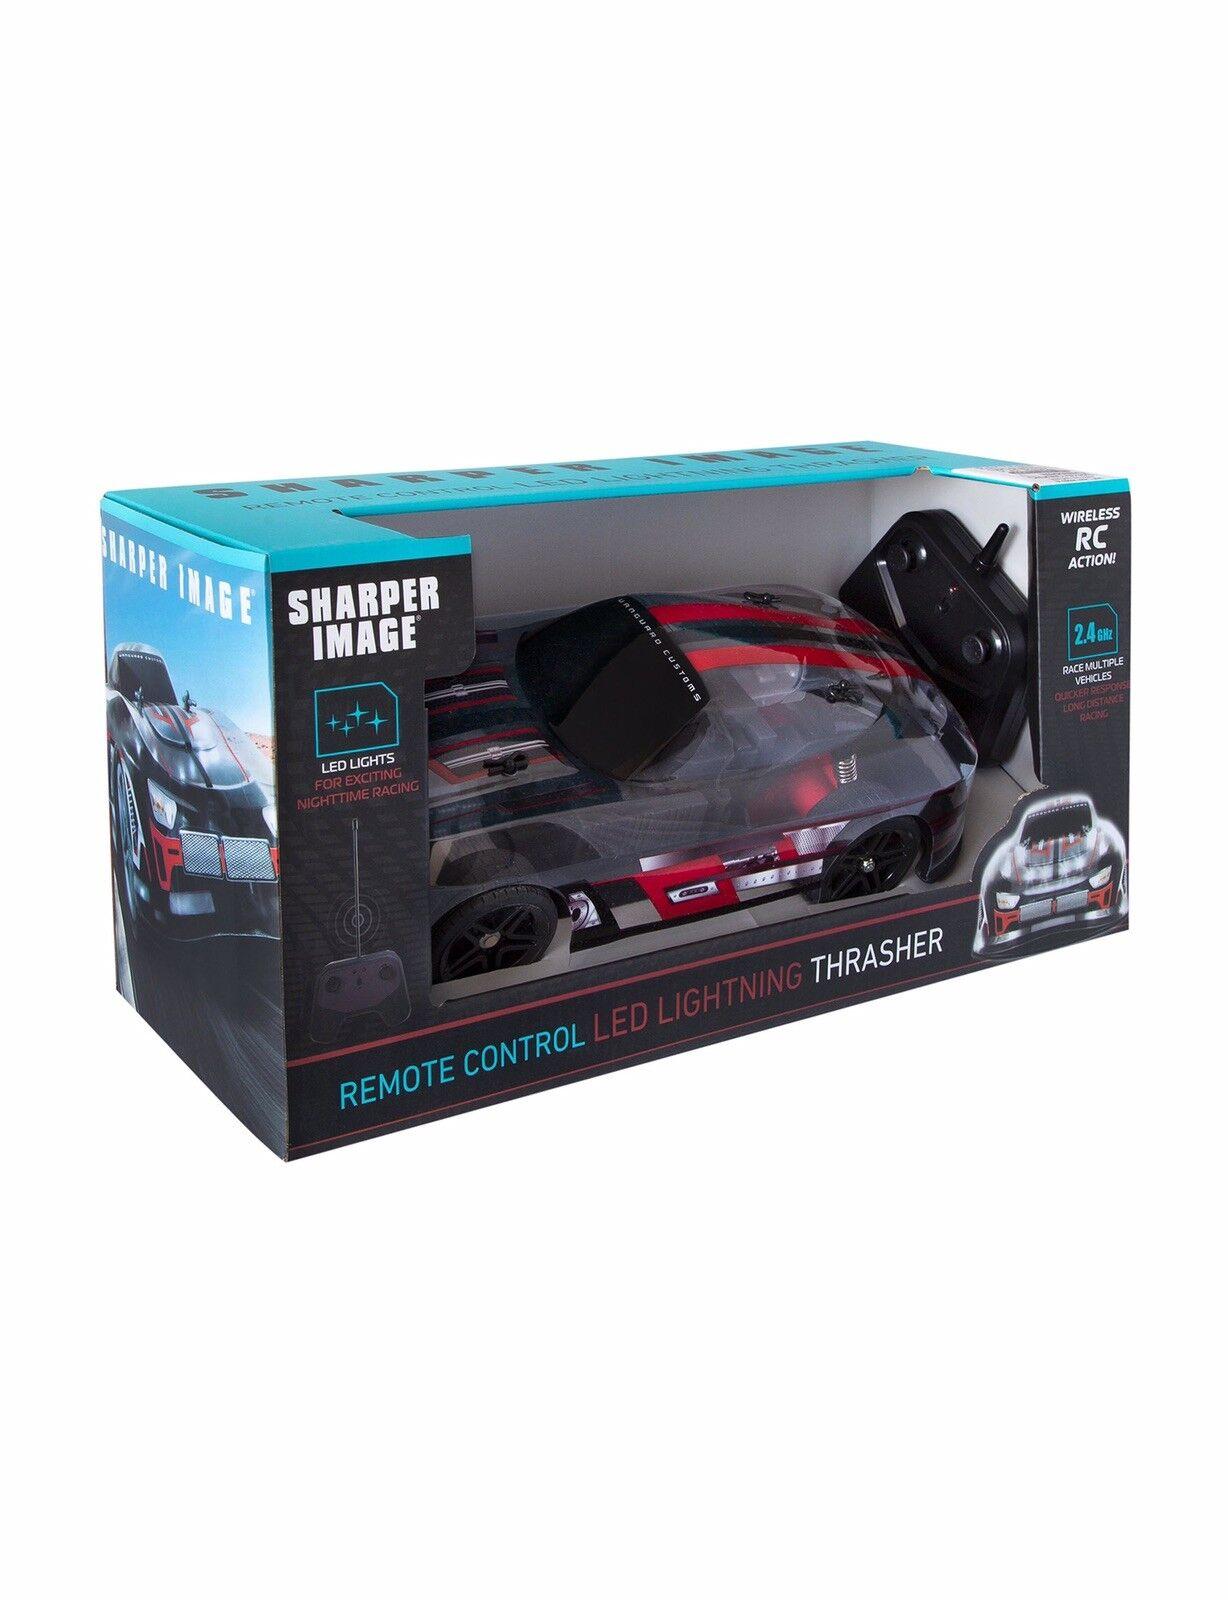 Sharper Image RC LED Lightning Thrasher Car